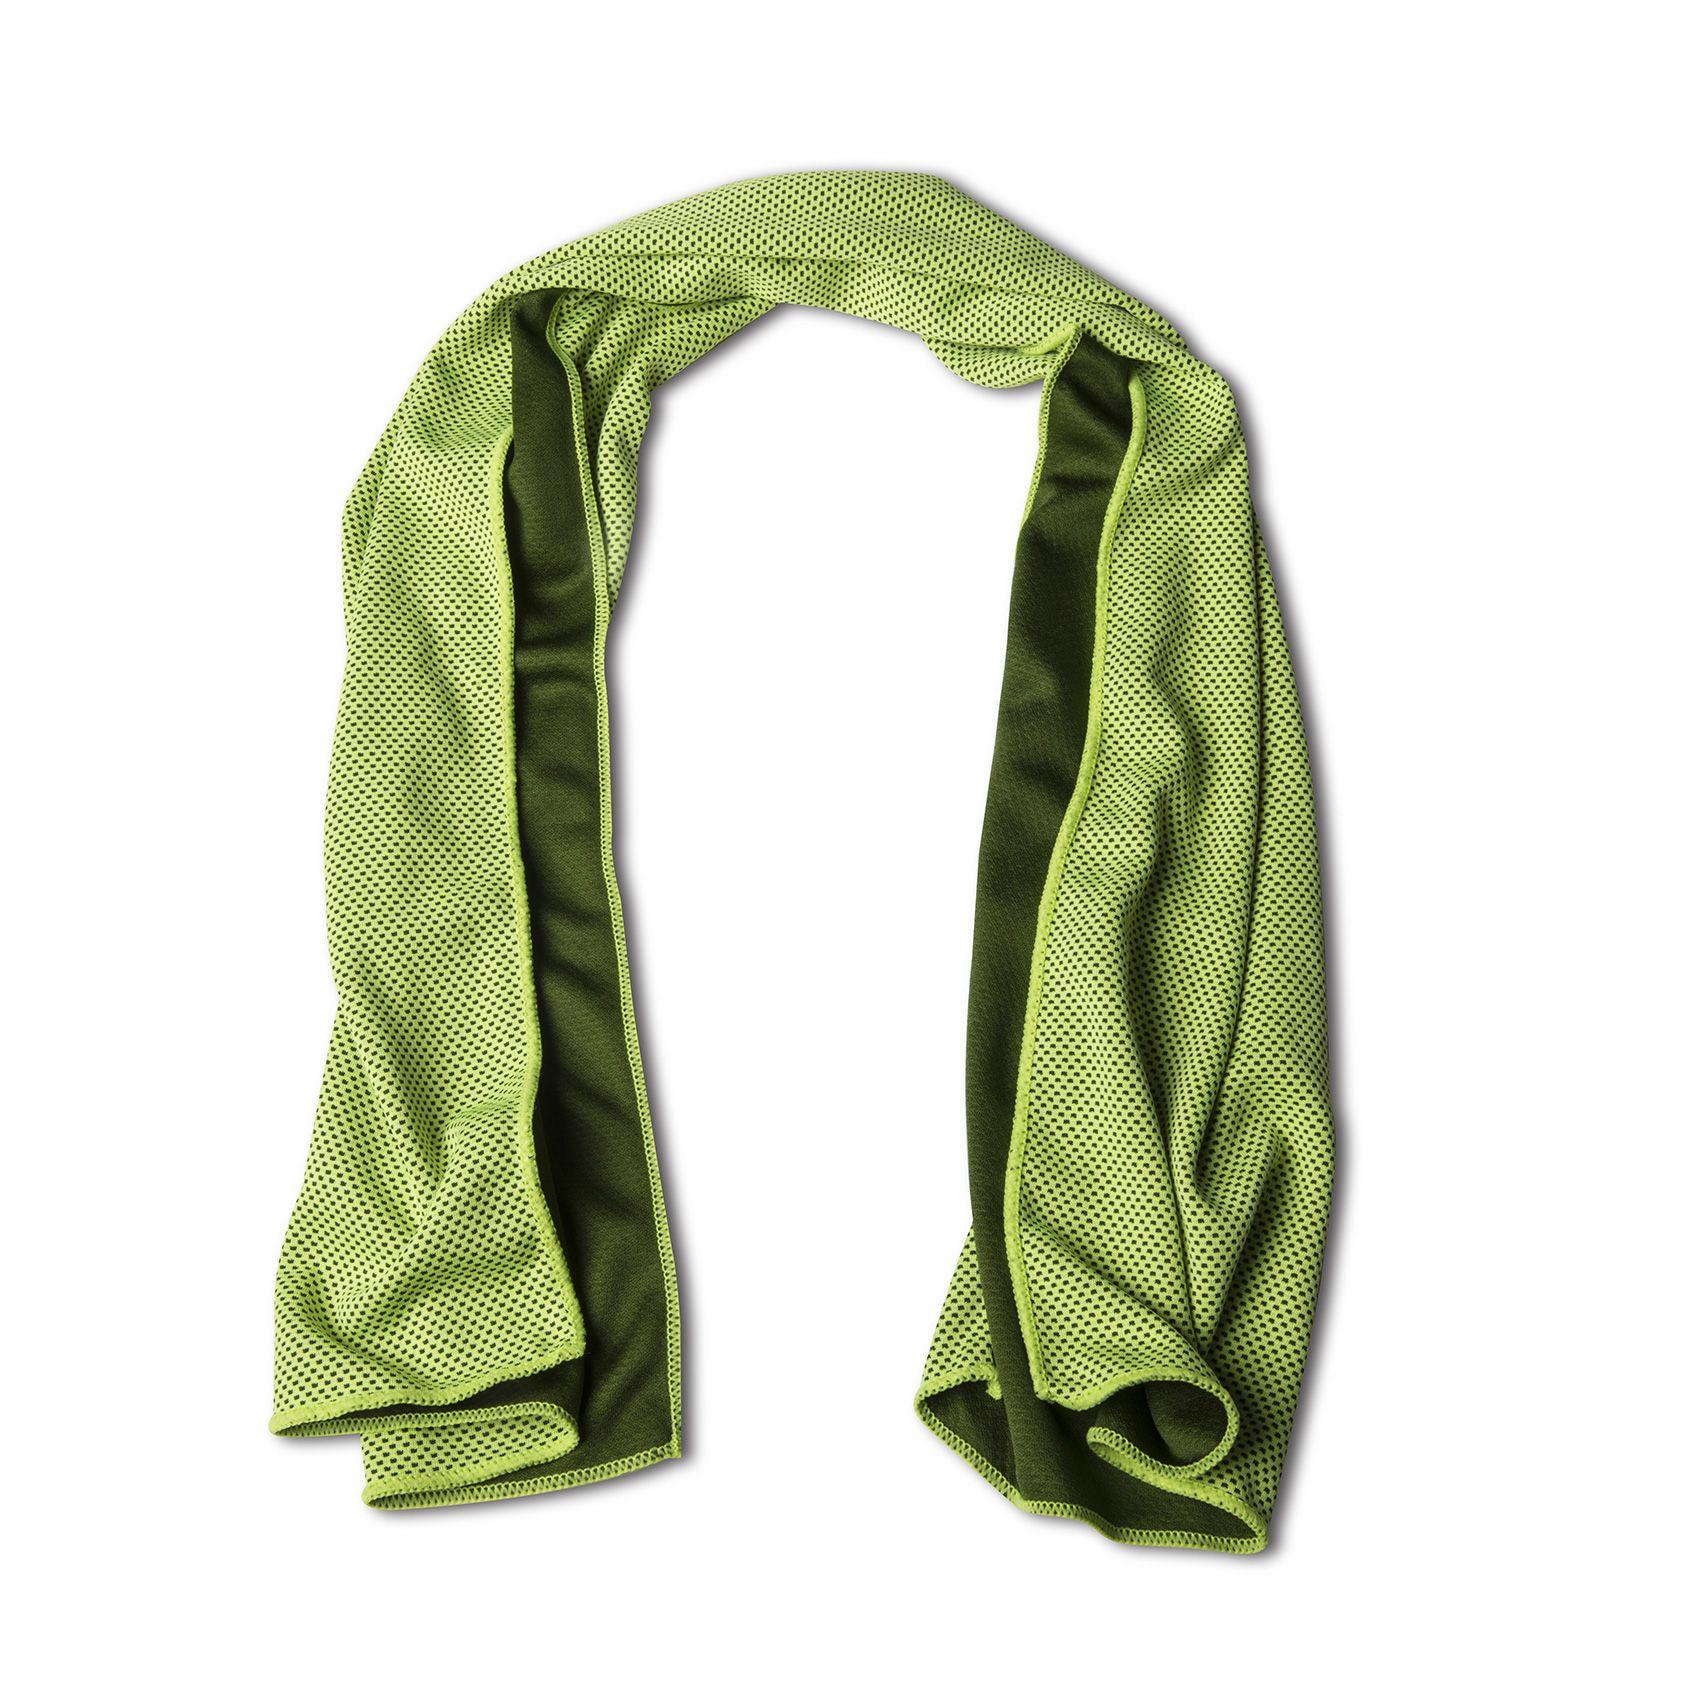 Sportovní ručník z mikrovlákna CELLY Cool Towel, limetkově zelený